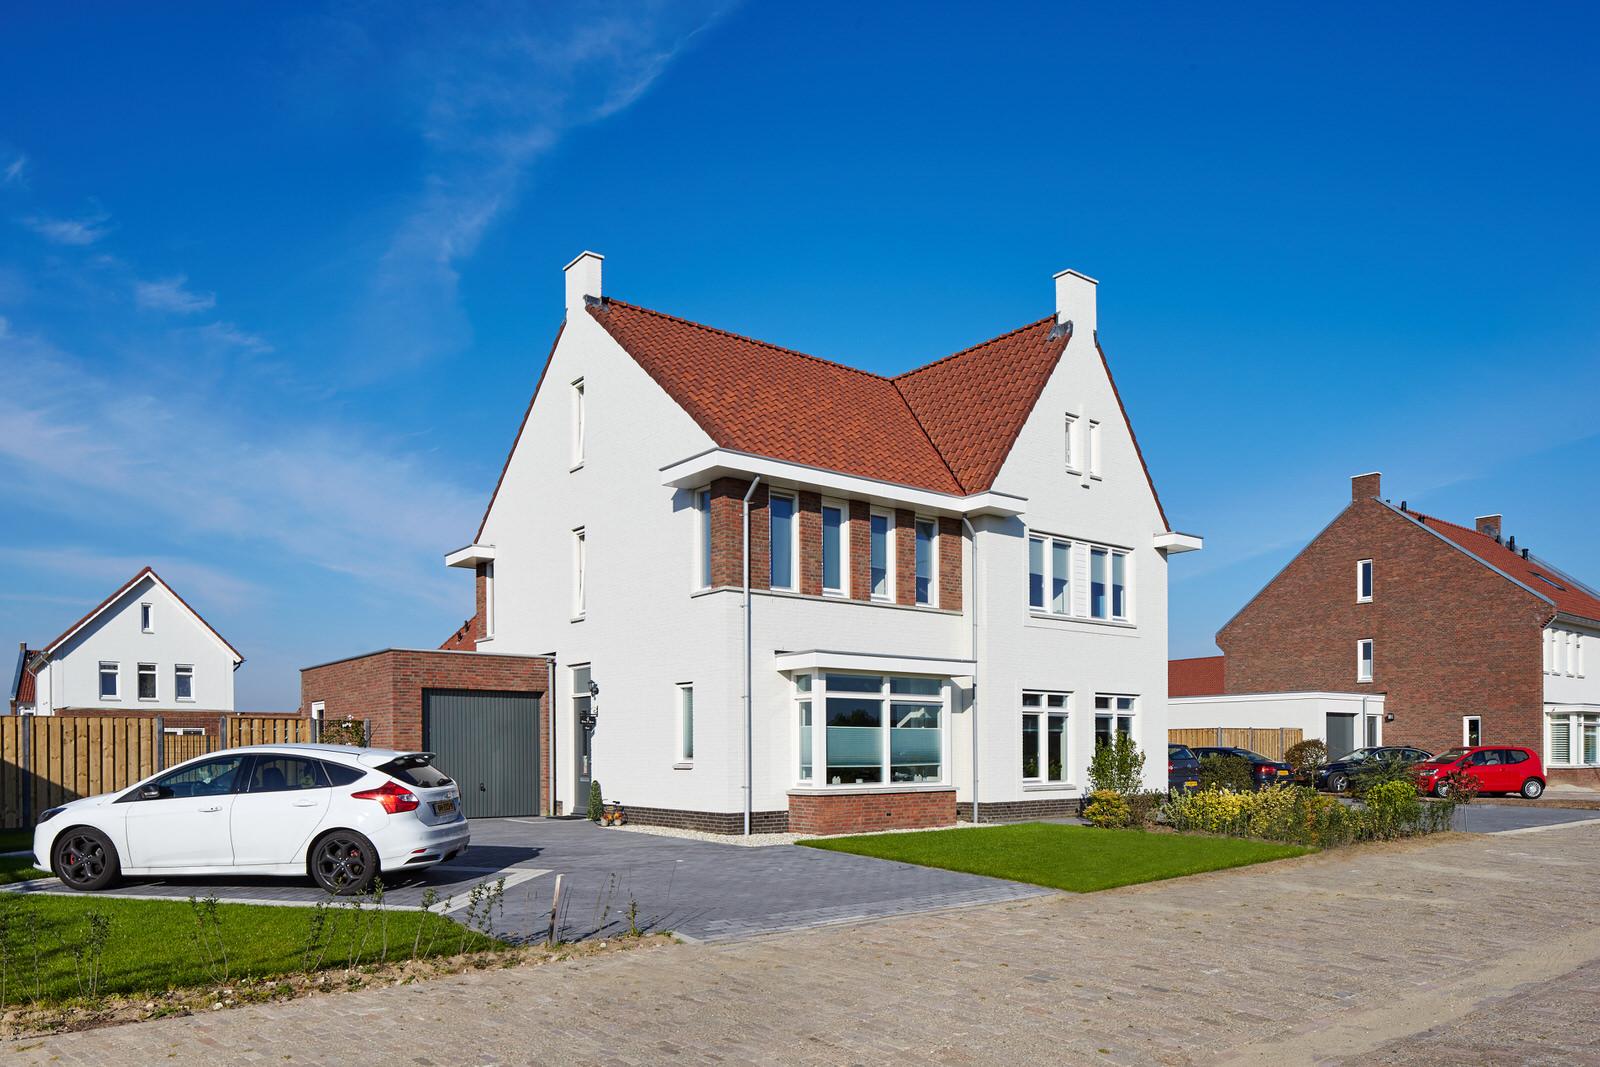 Bijna Perfect Huis : Woningen perfectbeeld